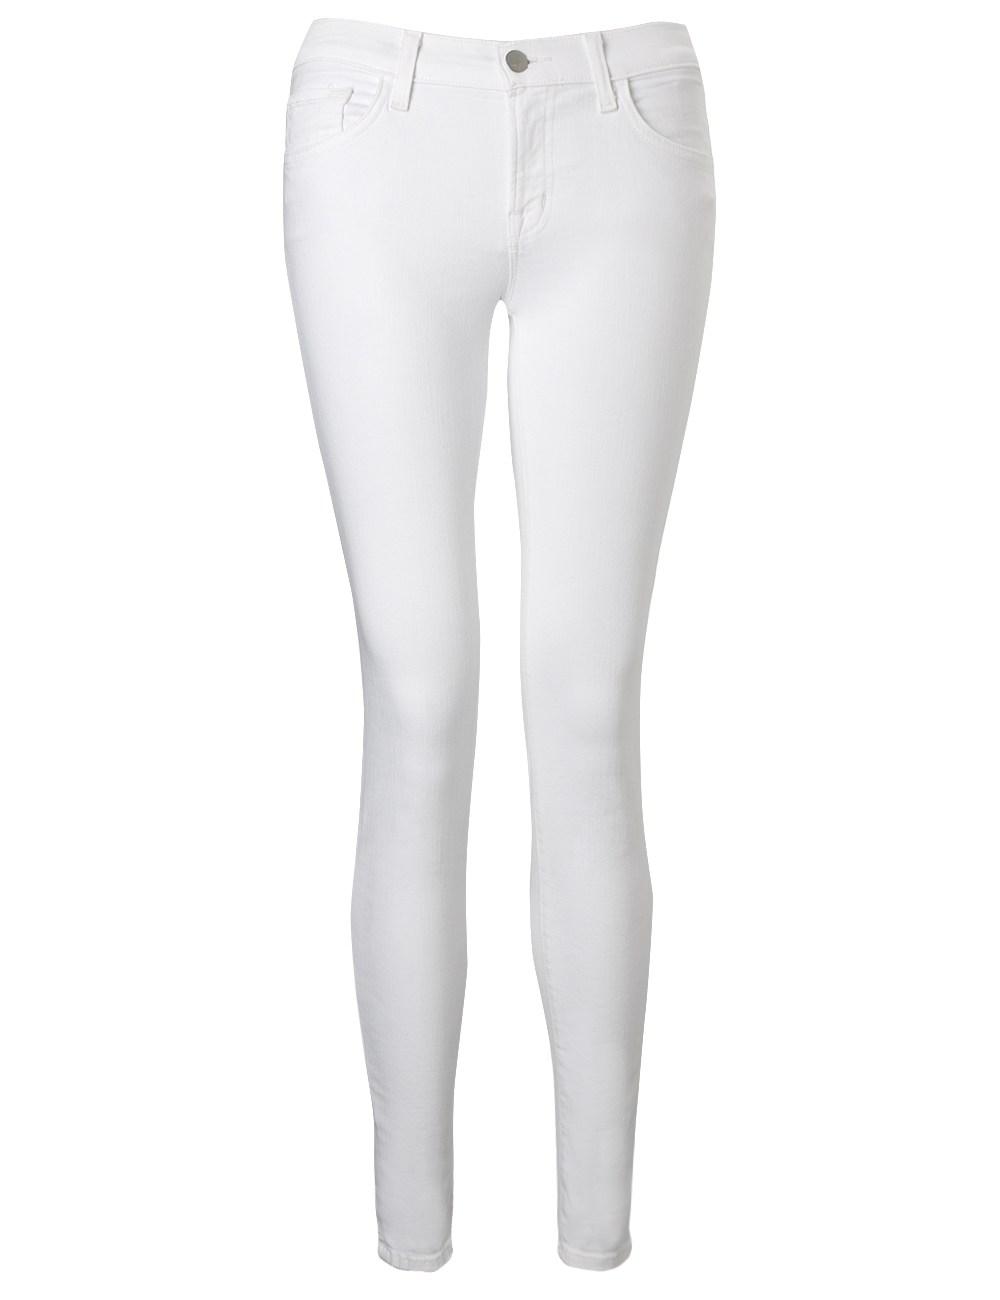 Lightweight Denim Jeans Women